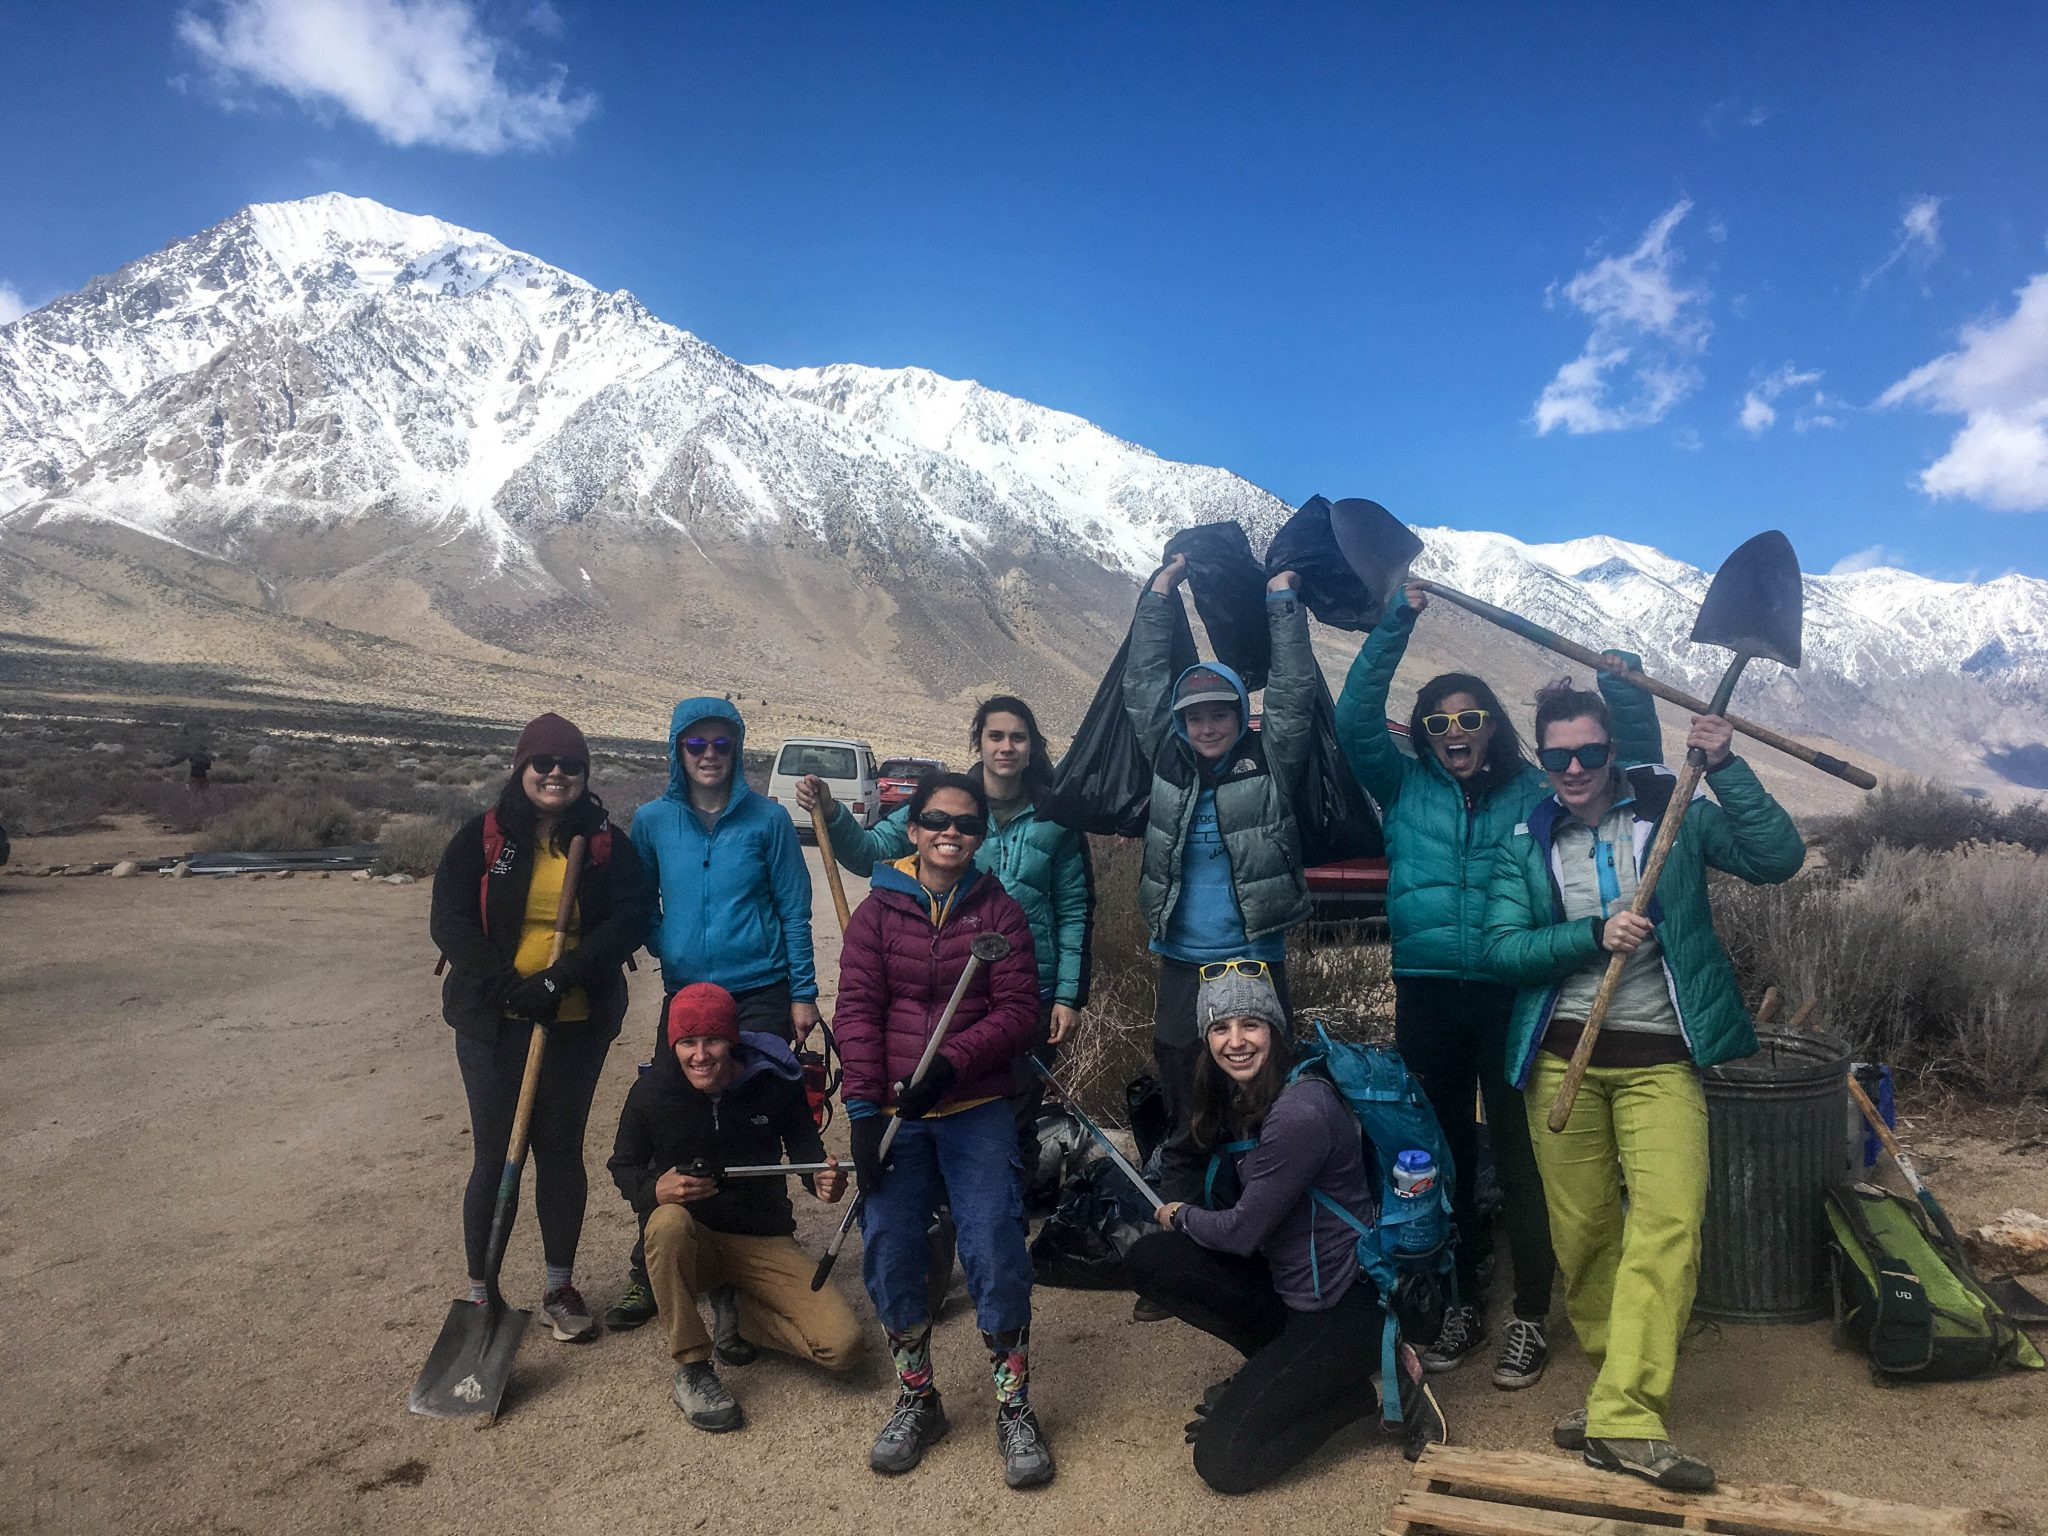 trail volunteers